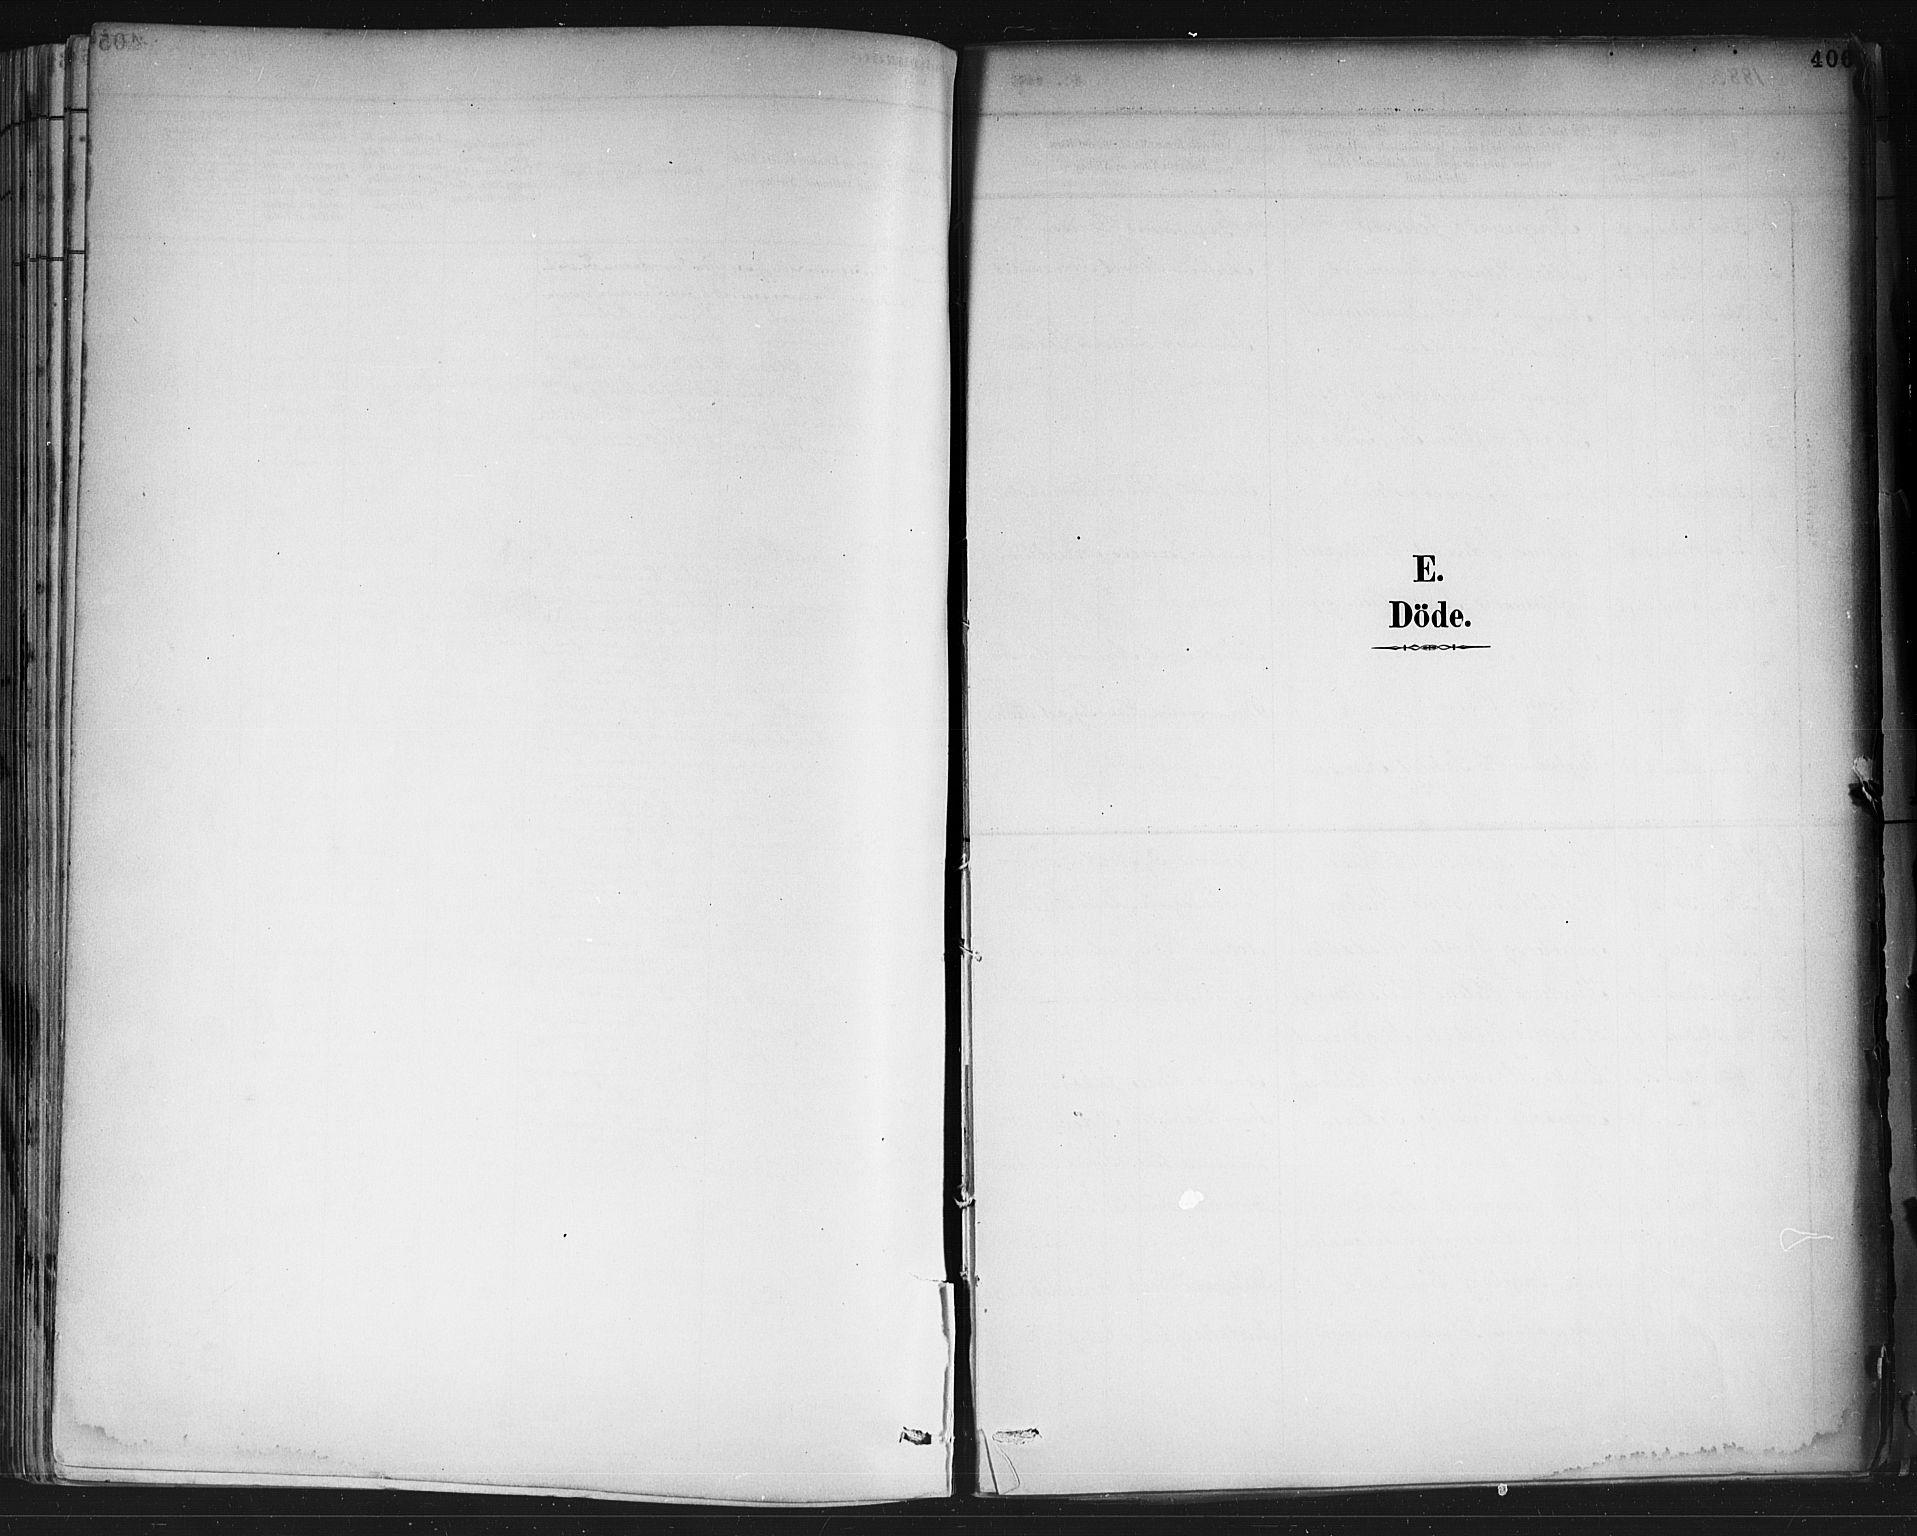 SAKO, Porsgrunn kirkebøker , G/Gb/L0005: Klokkerbok nr. II 5, 1883-1915, s. 406